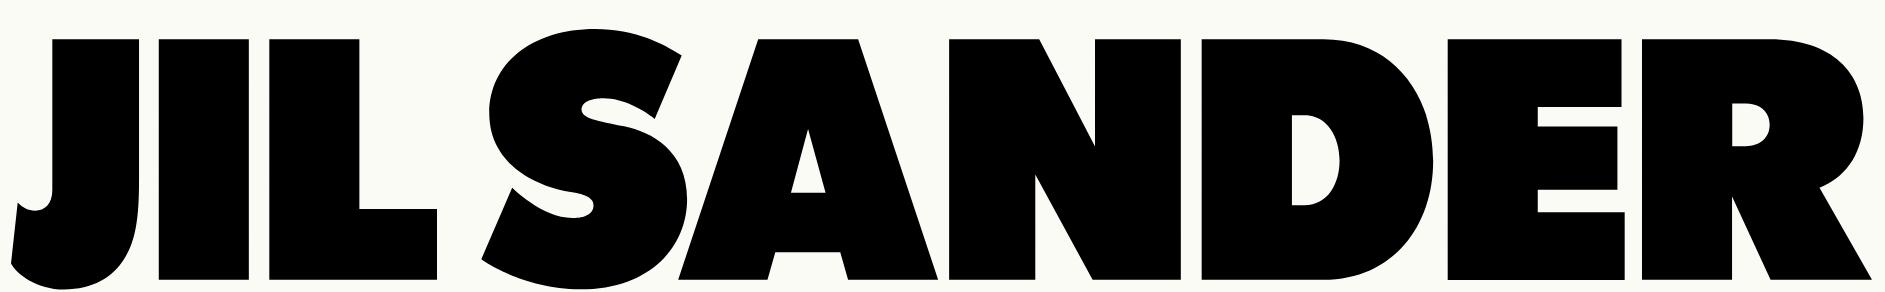 Jil Sander: La marca vuelve a cooperar con la popular cadena de tendencia nipona 3